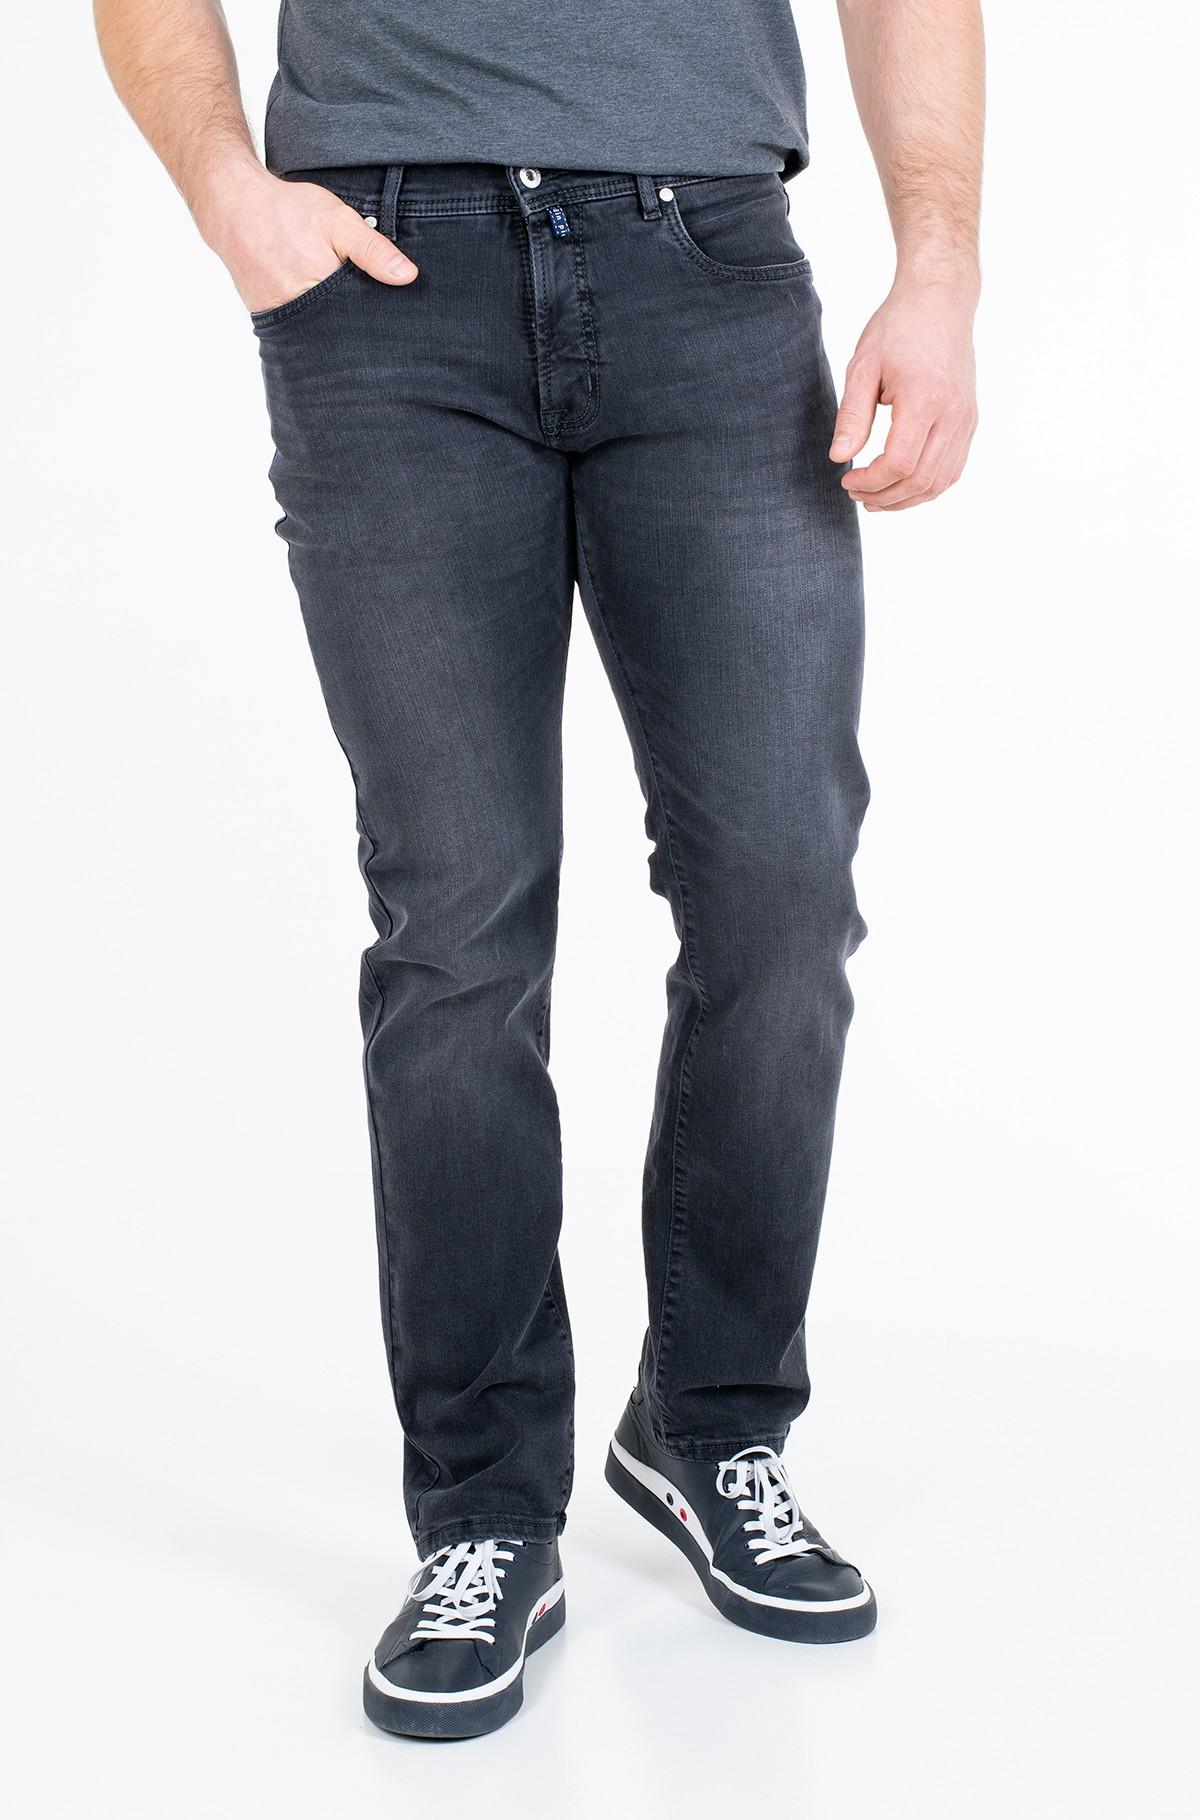 Jeans 30915-full-1